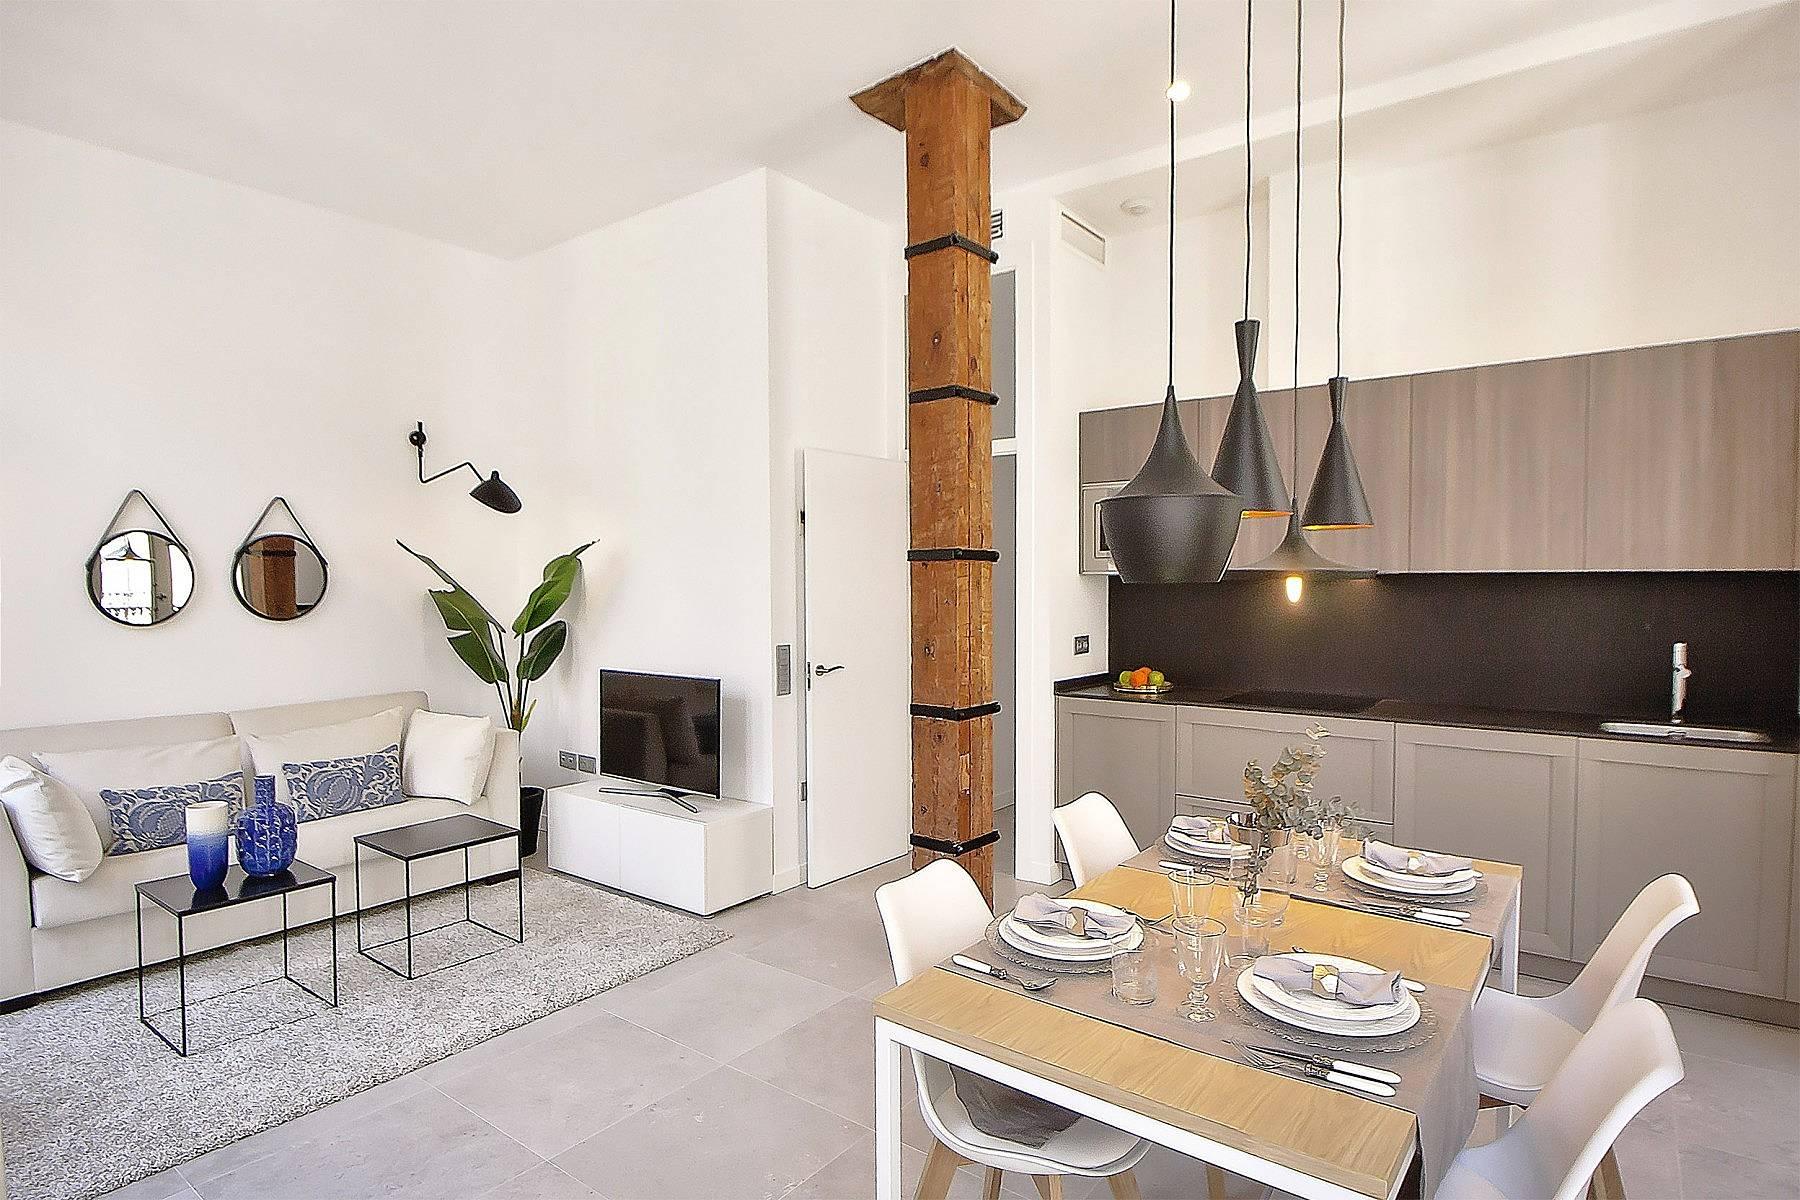 wohnung zur miete in alhaurin el grande m laga m laga costa del sol. Black Bedroom Furniture Sets. Home Design Ideas